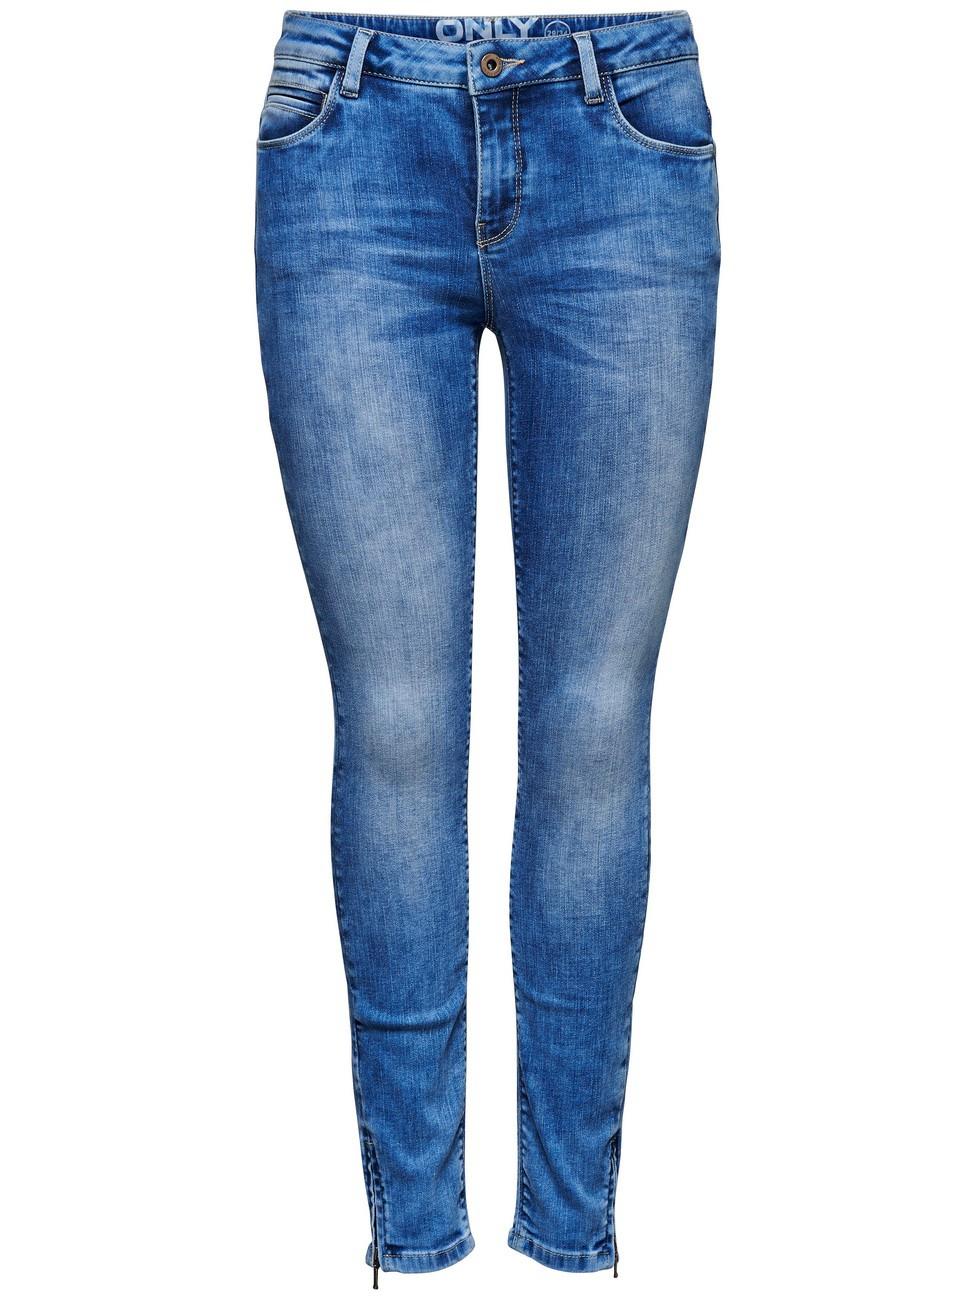 only damen jeans onlkendell skinny fit blau light. Black Bedroom Furniture Sets. Home Design Ideas